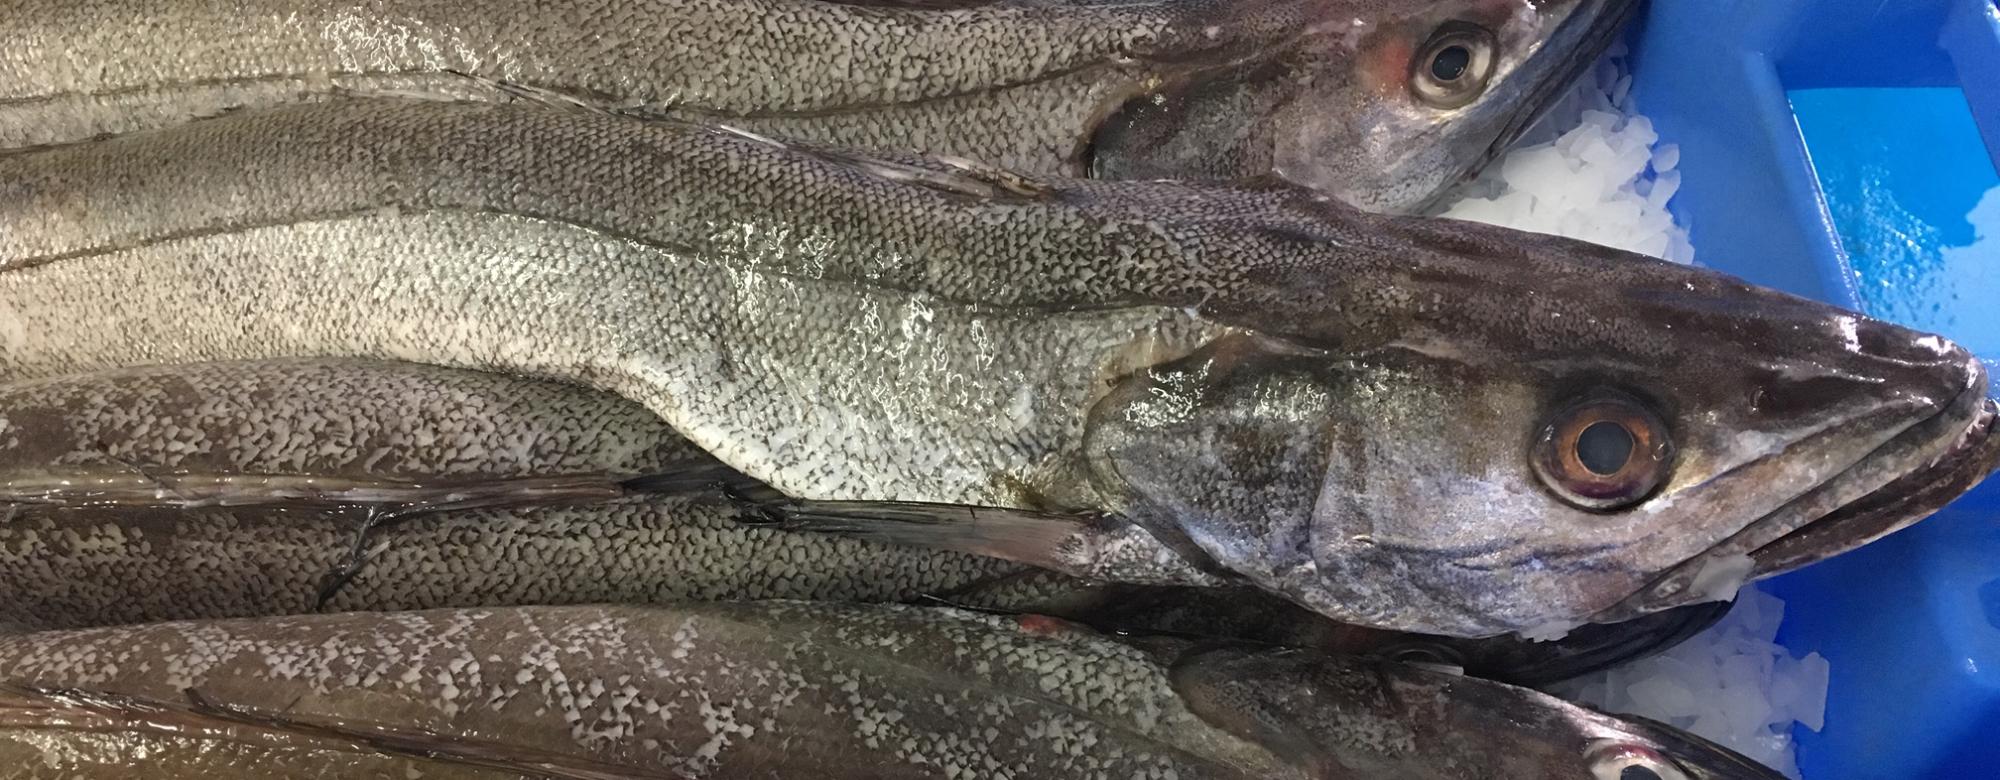 Port de pêche de Lorient, colin merlu